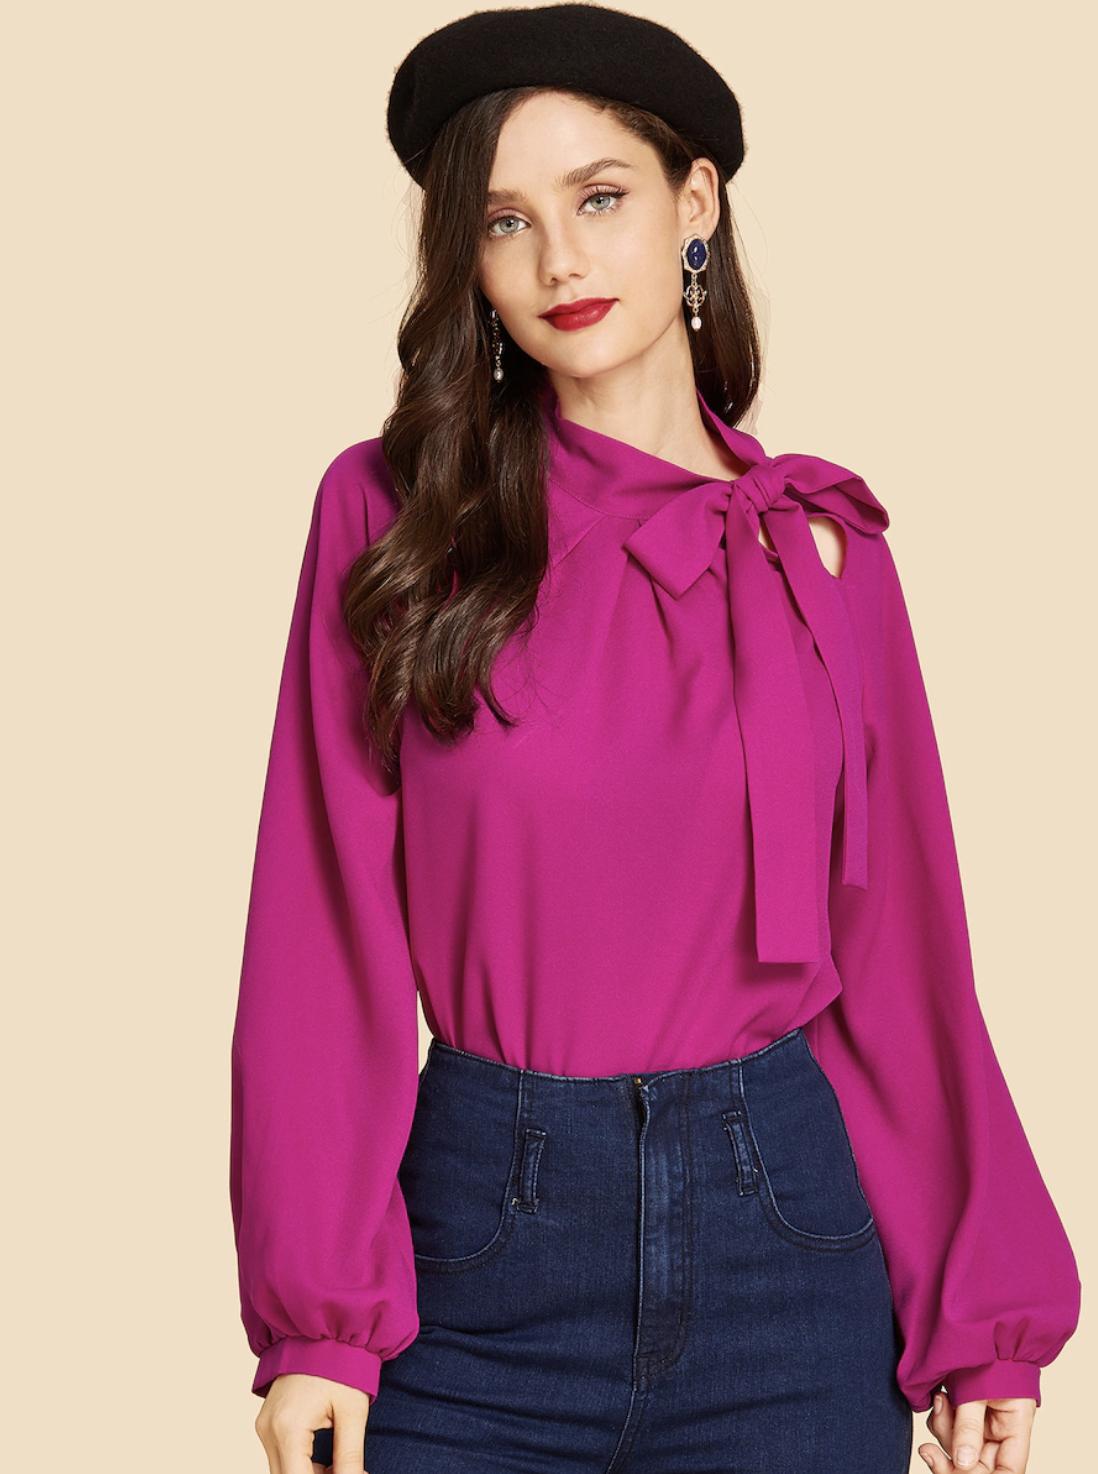 SHEIN Neon Pink Tie Neck Plain Top [ $14]